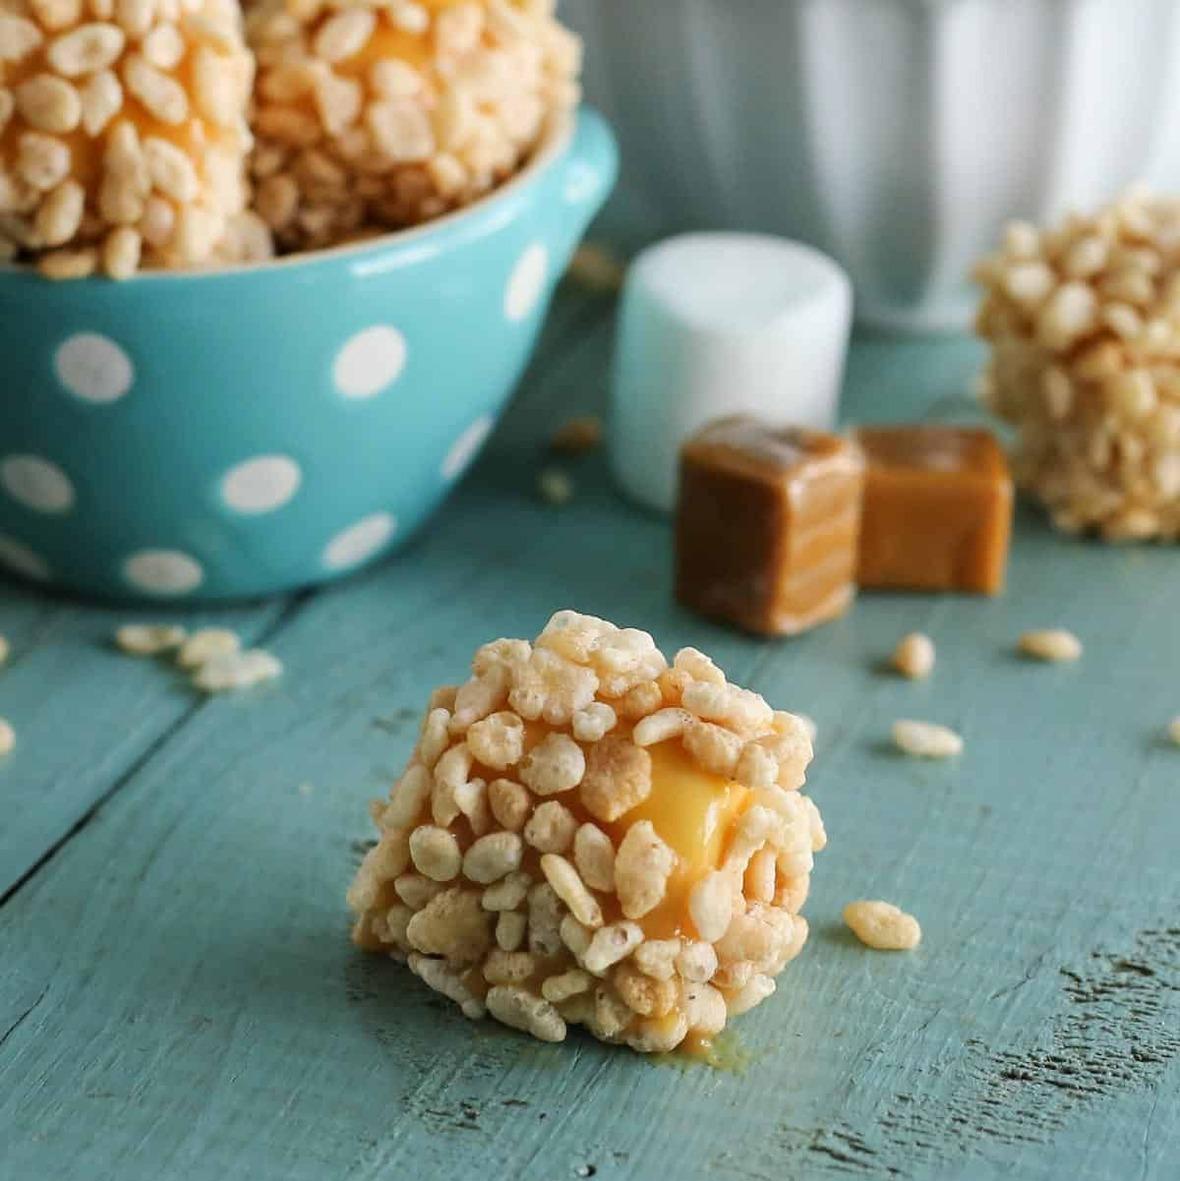 marshmallow-caramel-rice-krispies-puffs AFarmgirlsDabbles AFD-8